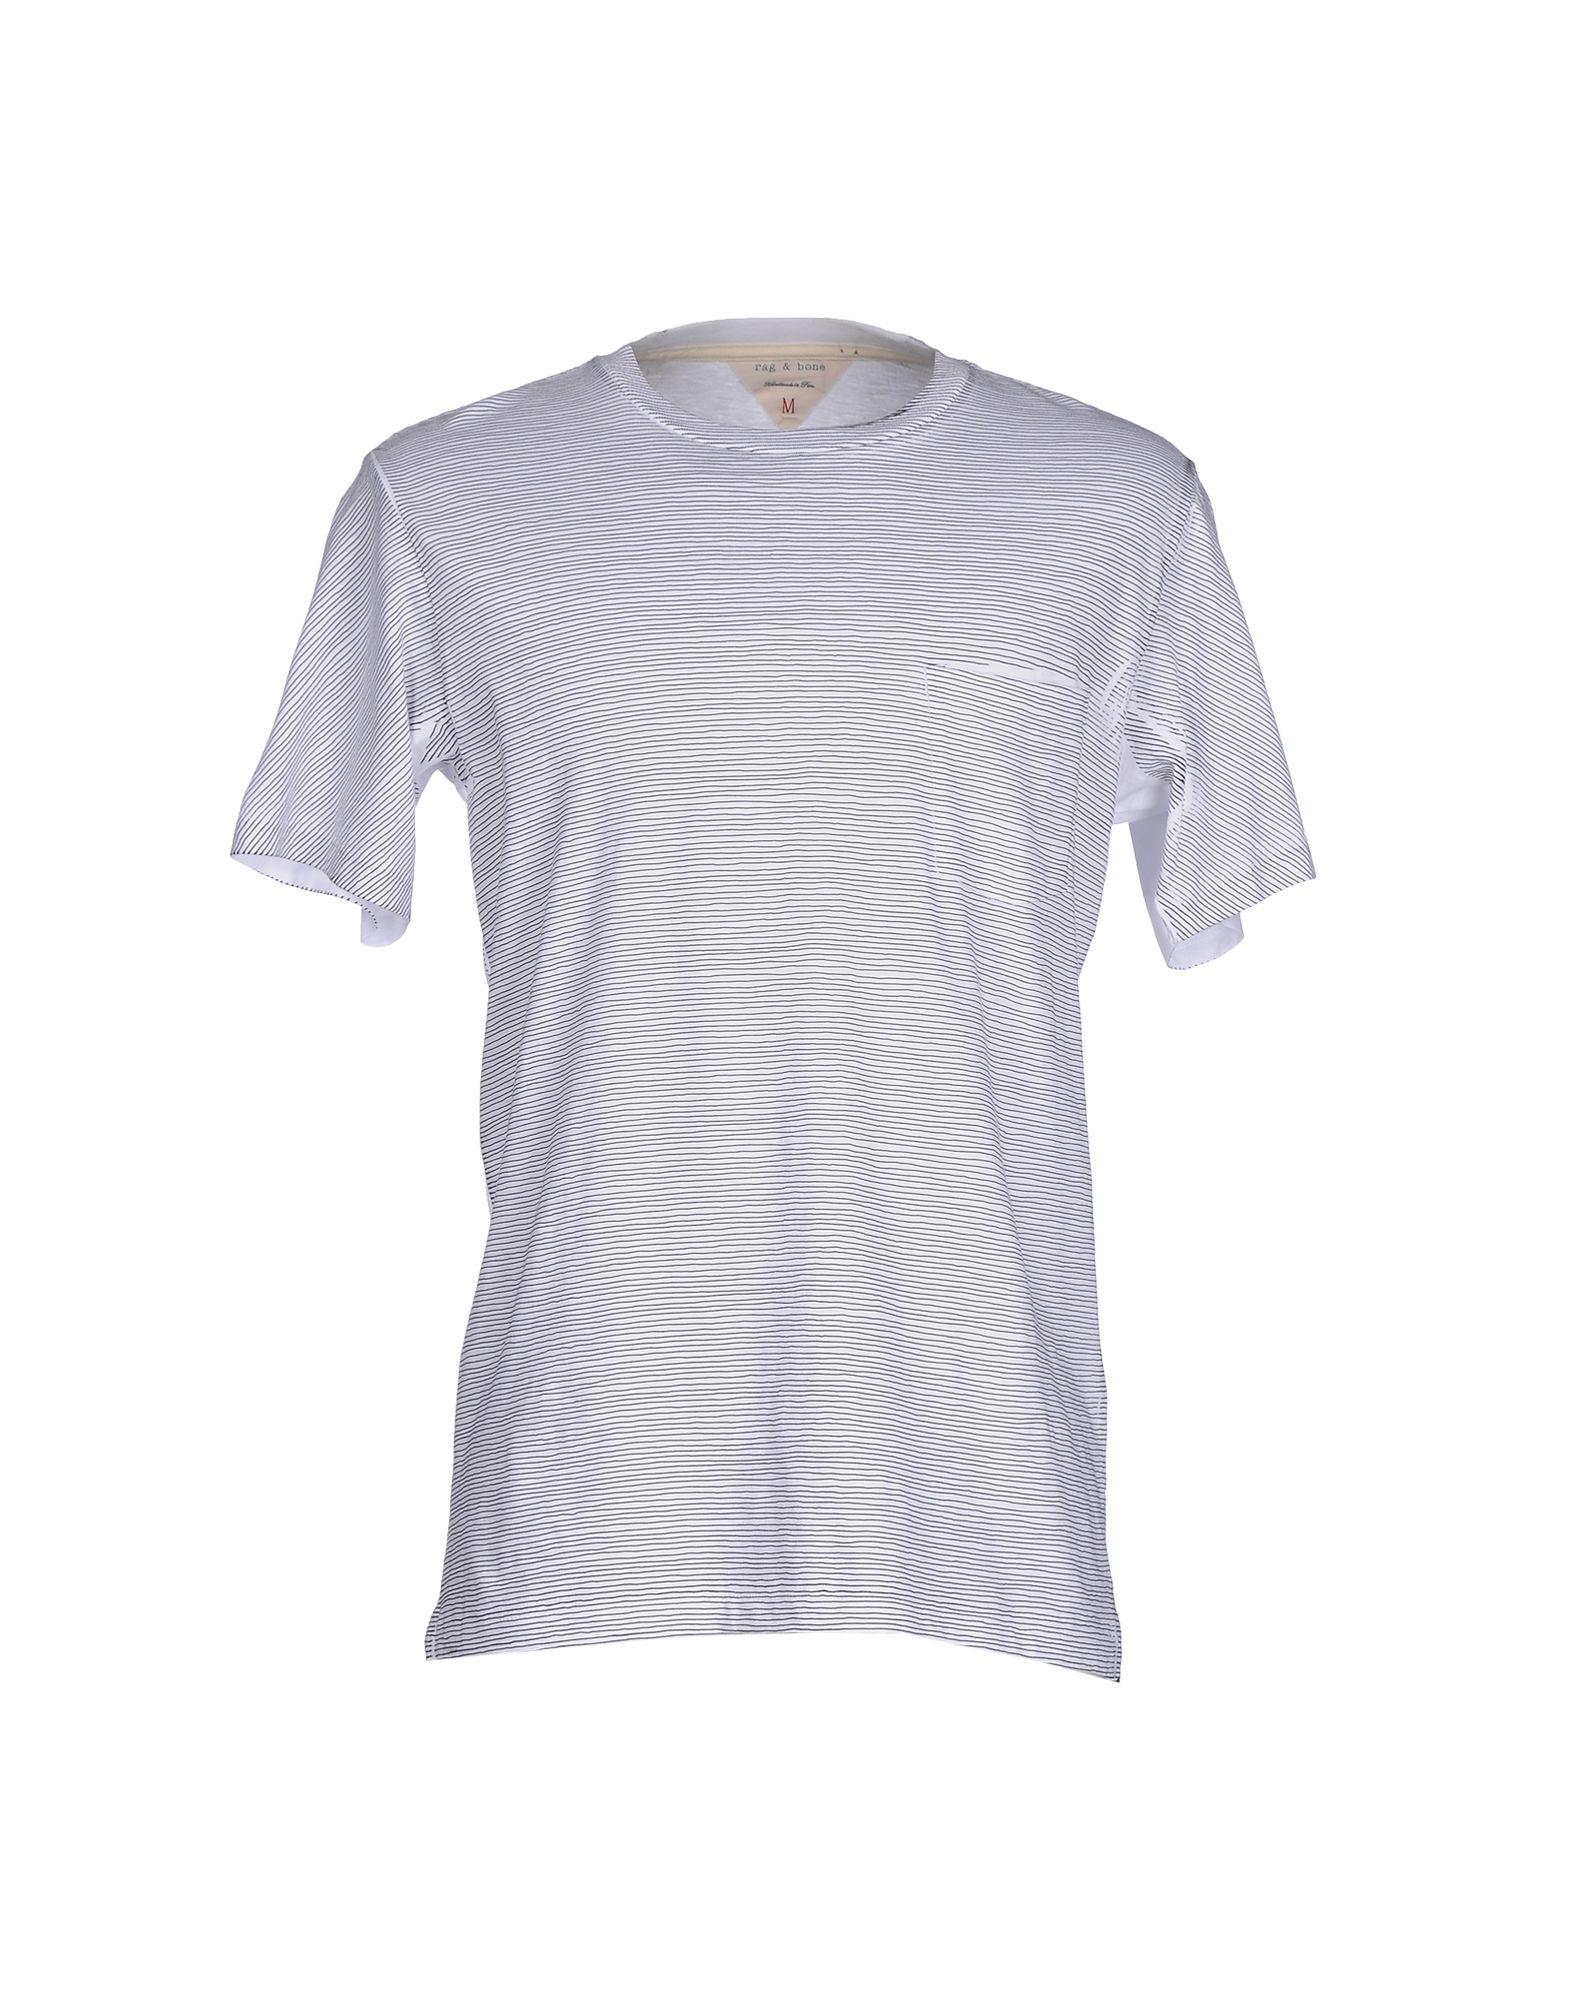 Lyst rag bone t shirt in white for men for Rag and bone white t shirt